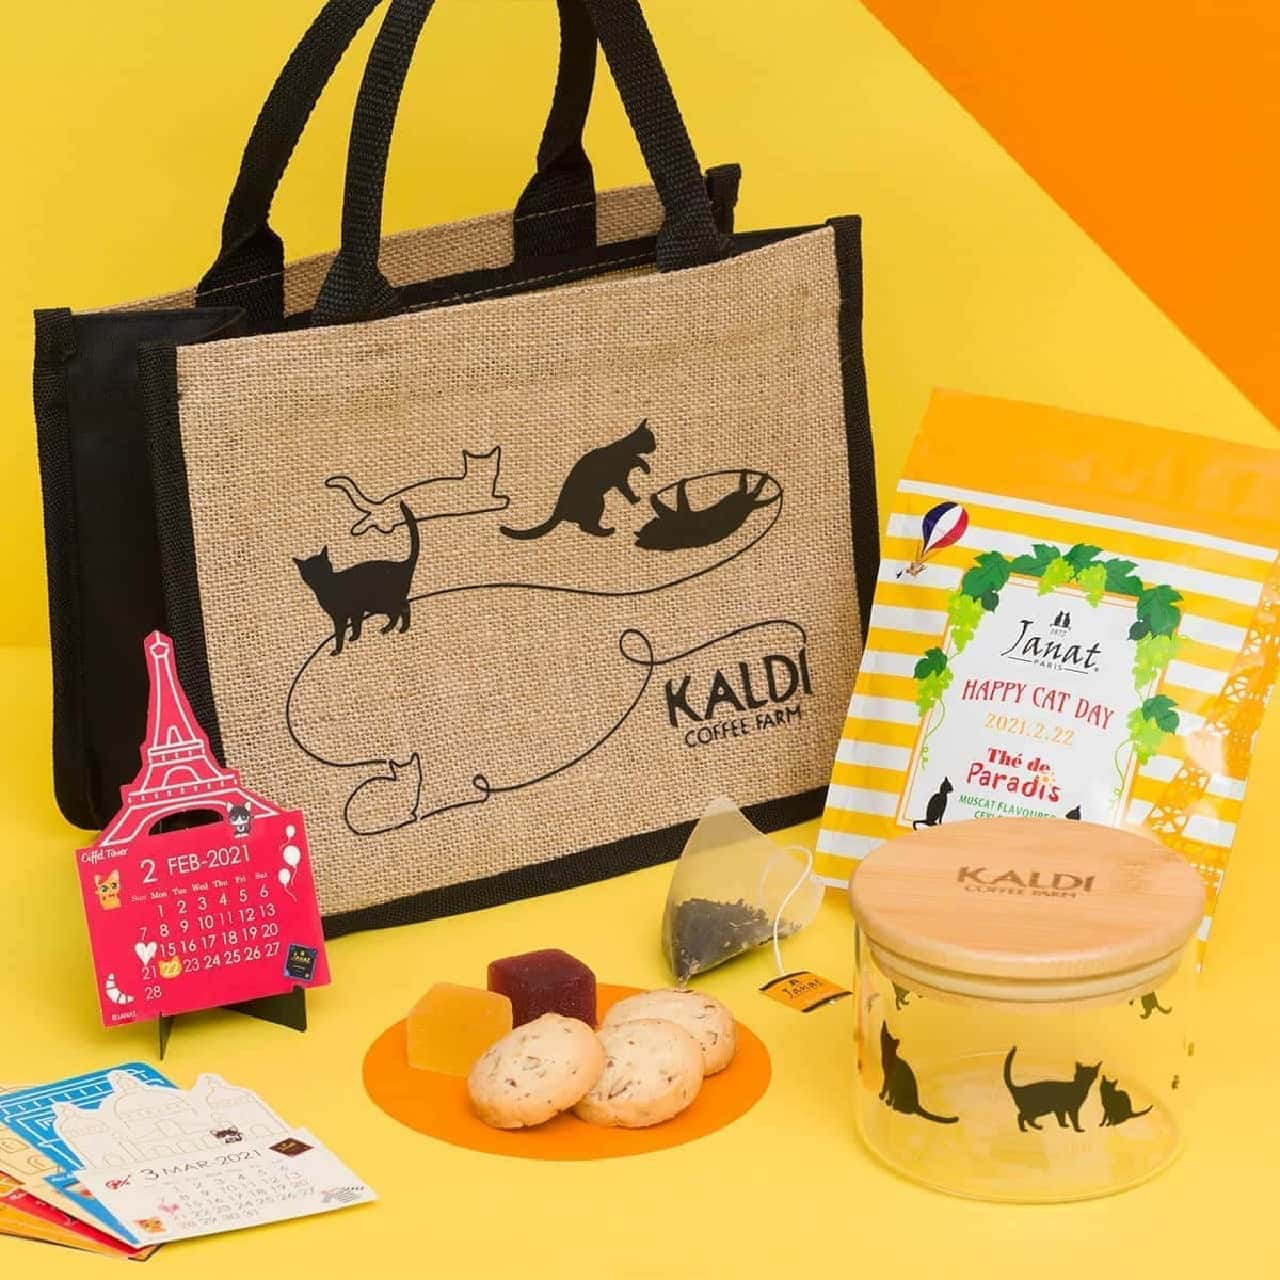 カルディ「ネコの日バッグ」「ネコの日バッグプレミアム」